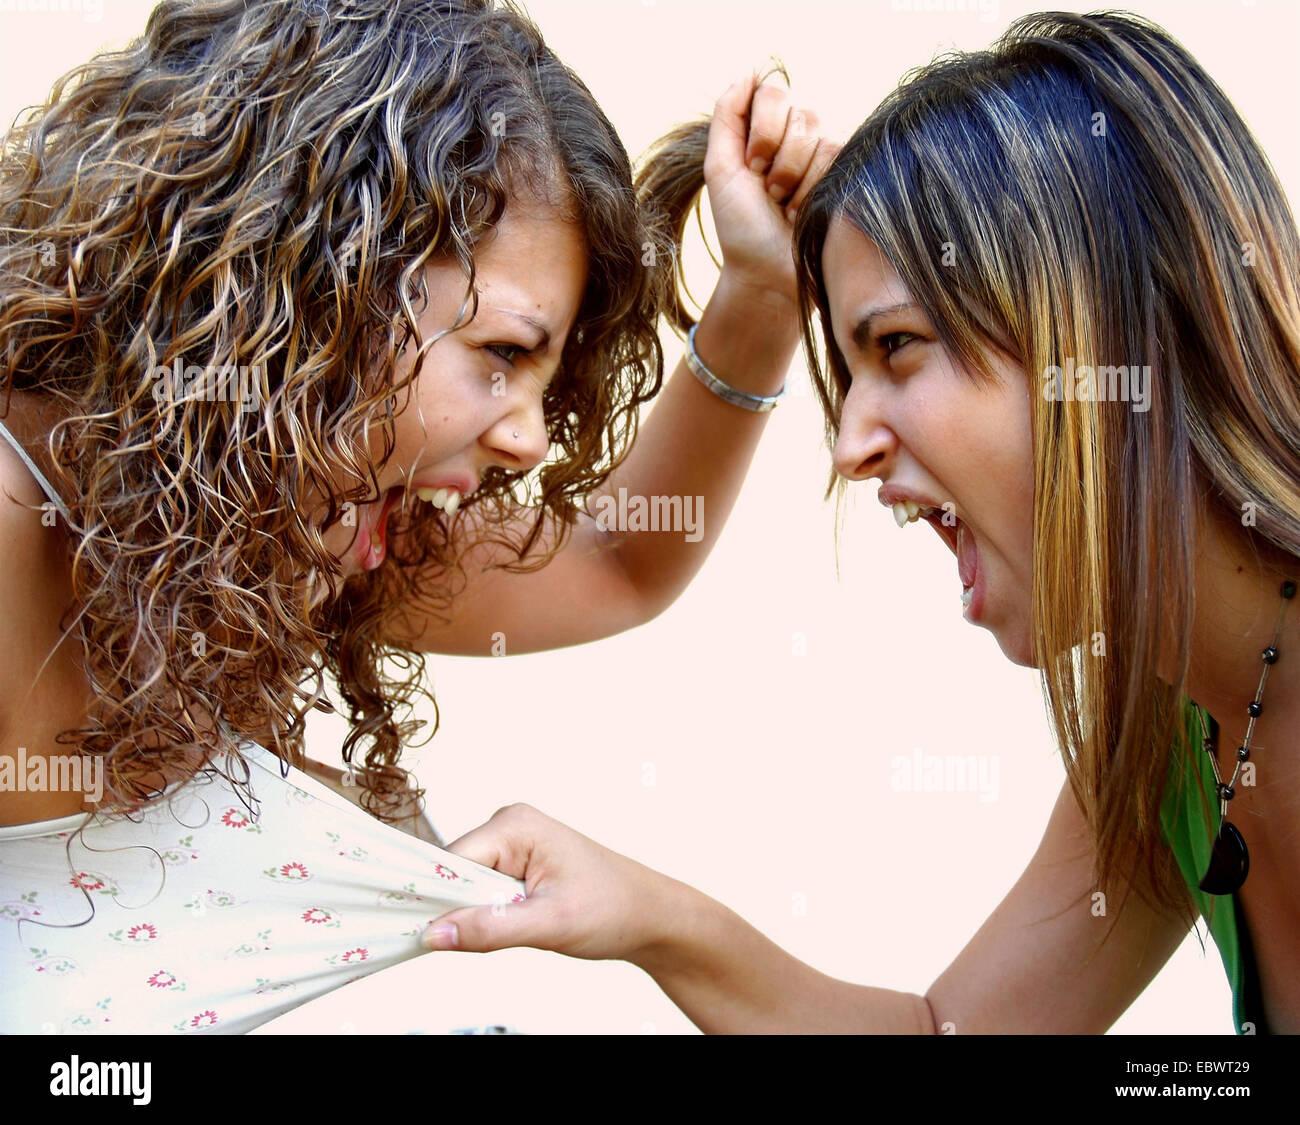 Deux jeunes femmes face à face à des actes de violence Photo Stock